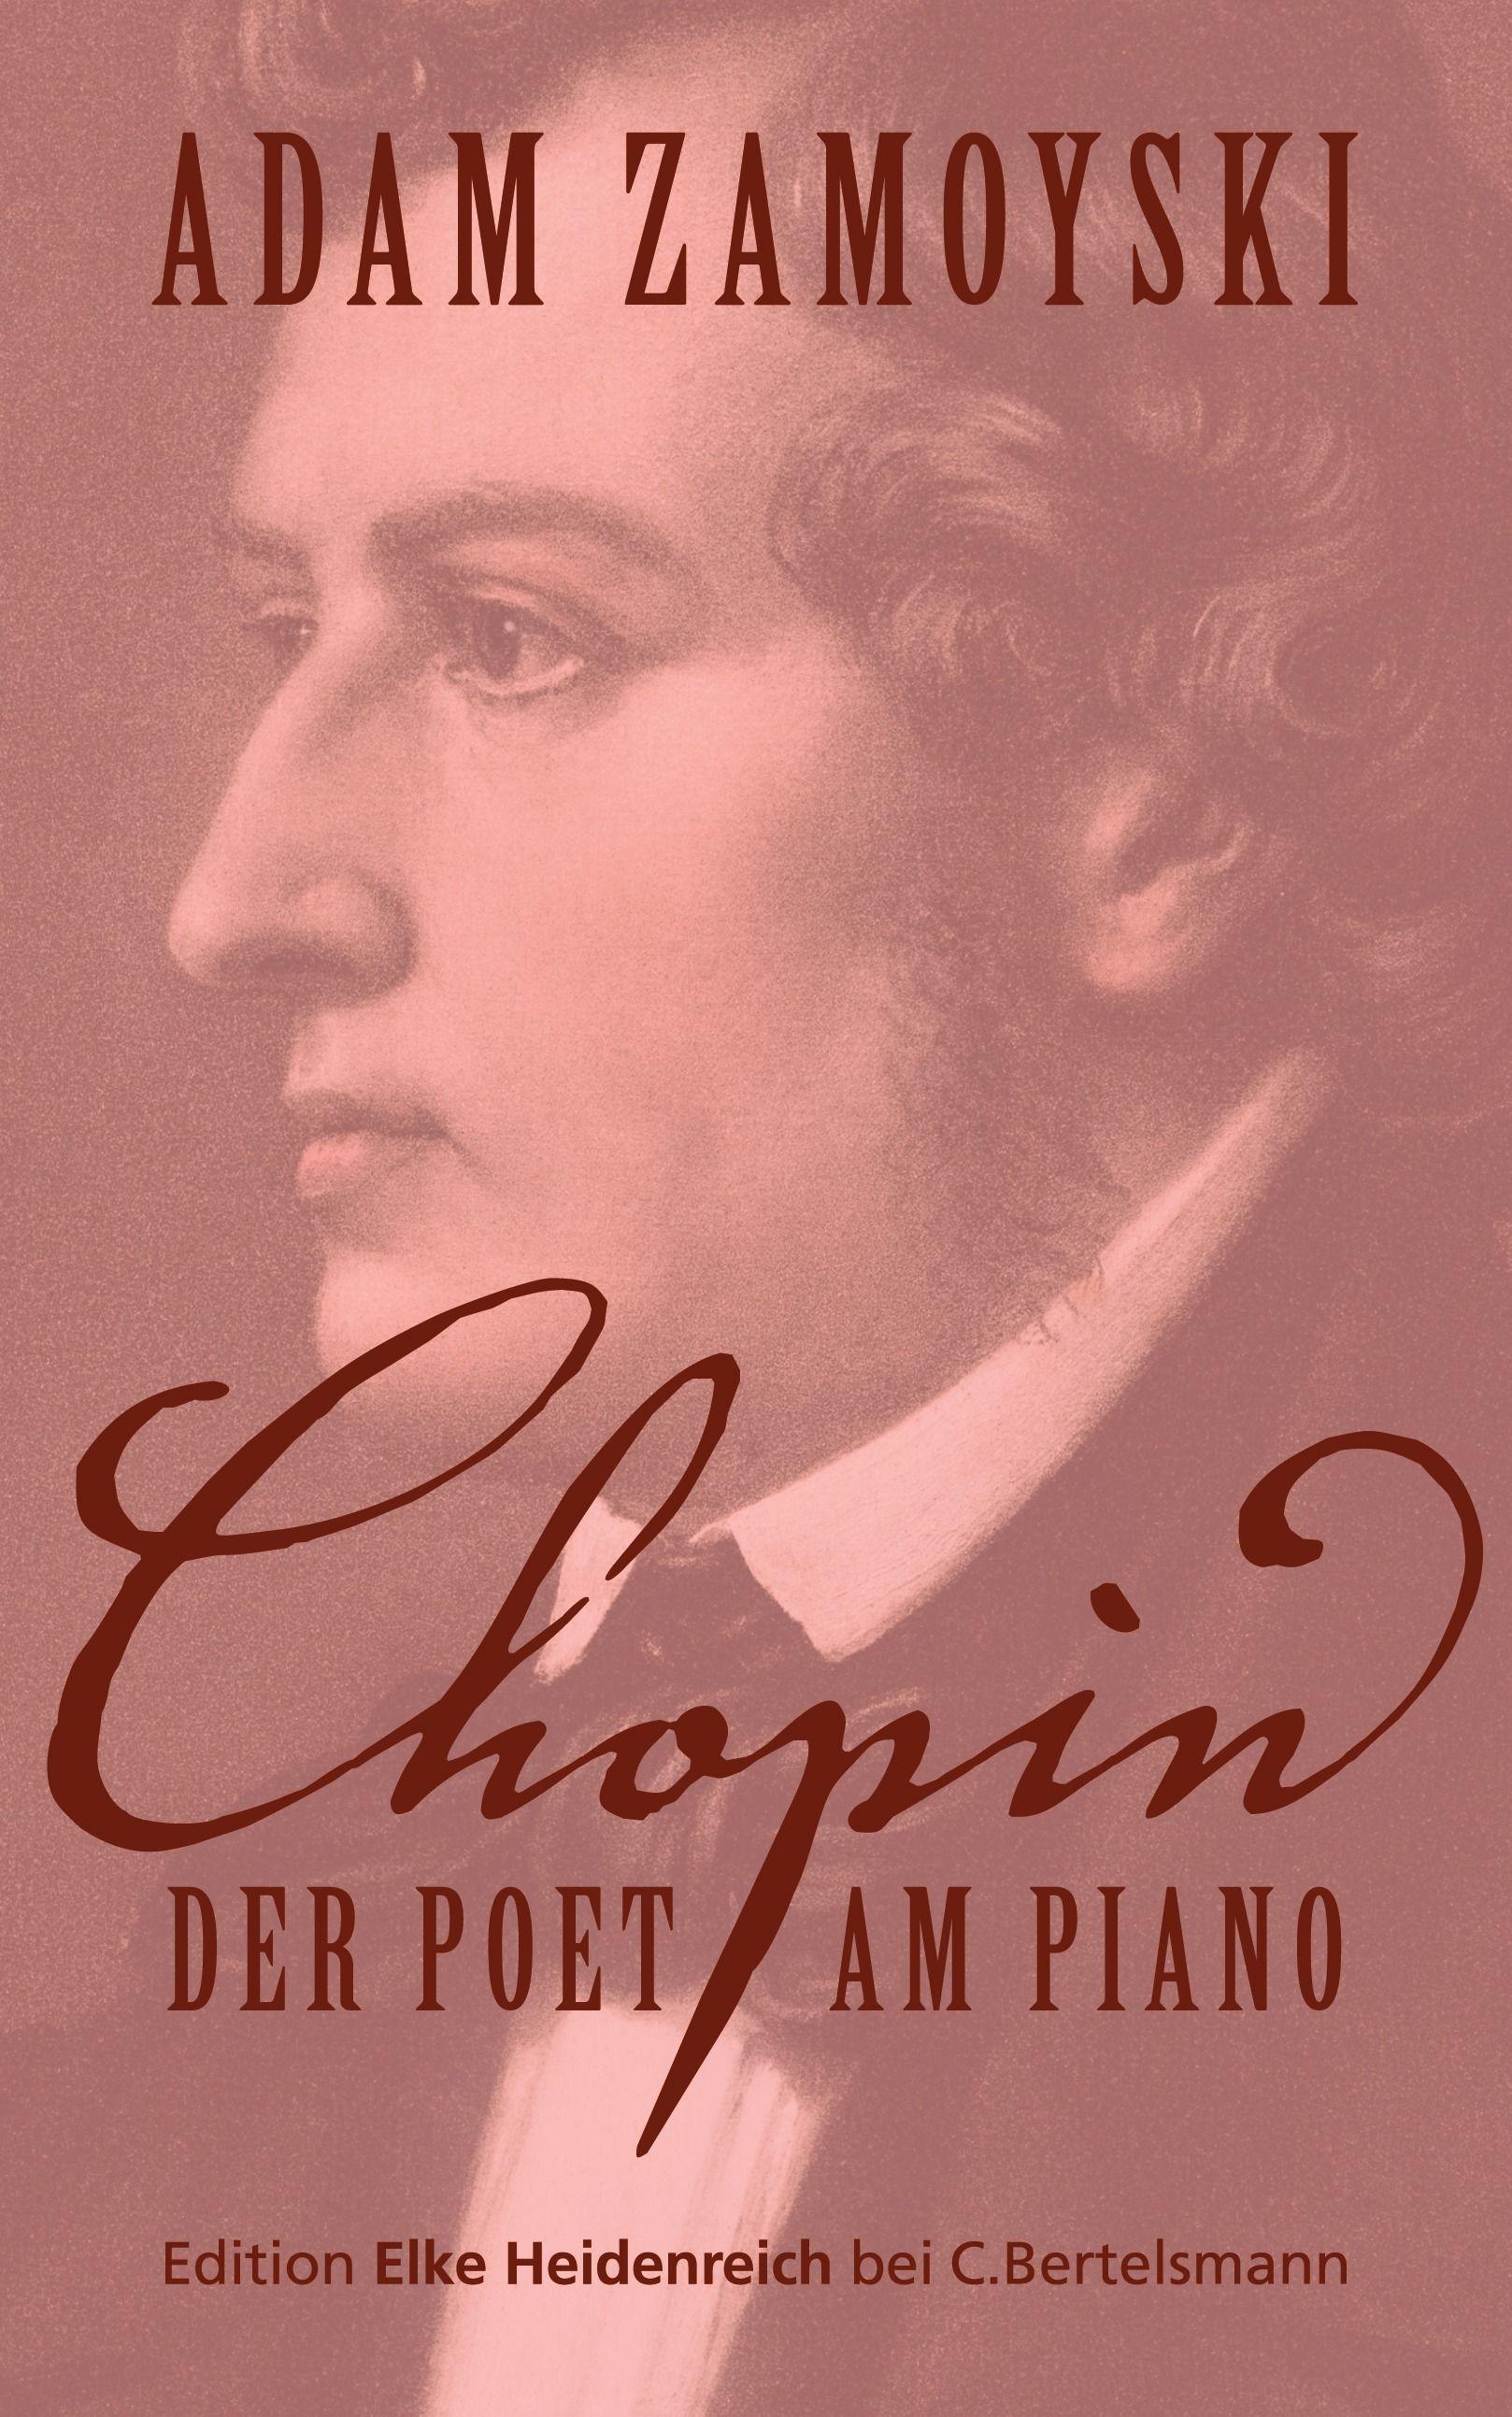 """""""Hut ab, Ihr Herren, ein Genie"""": Eine Buchempfehlung von Carsten Hansen zum Buch """"Chopin"""" von Adam Zamoyski von C. Bertelsmann!"""